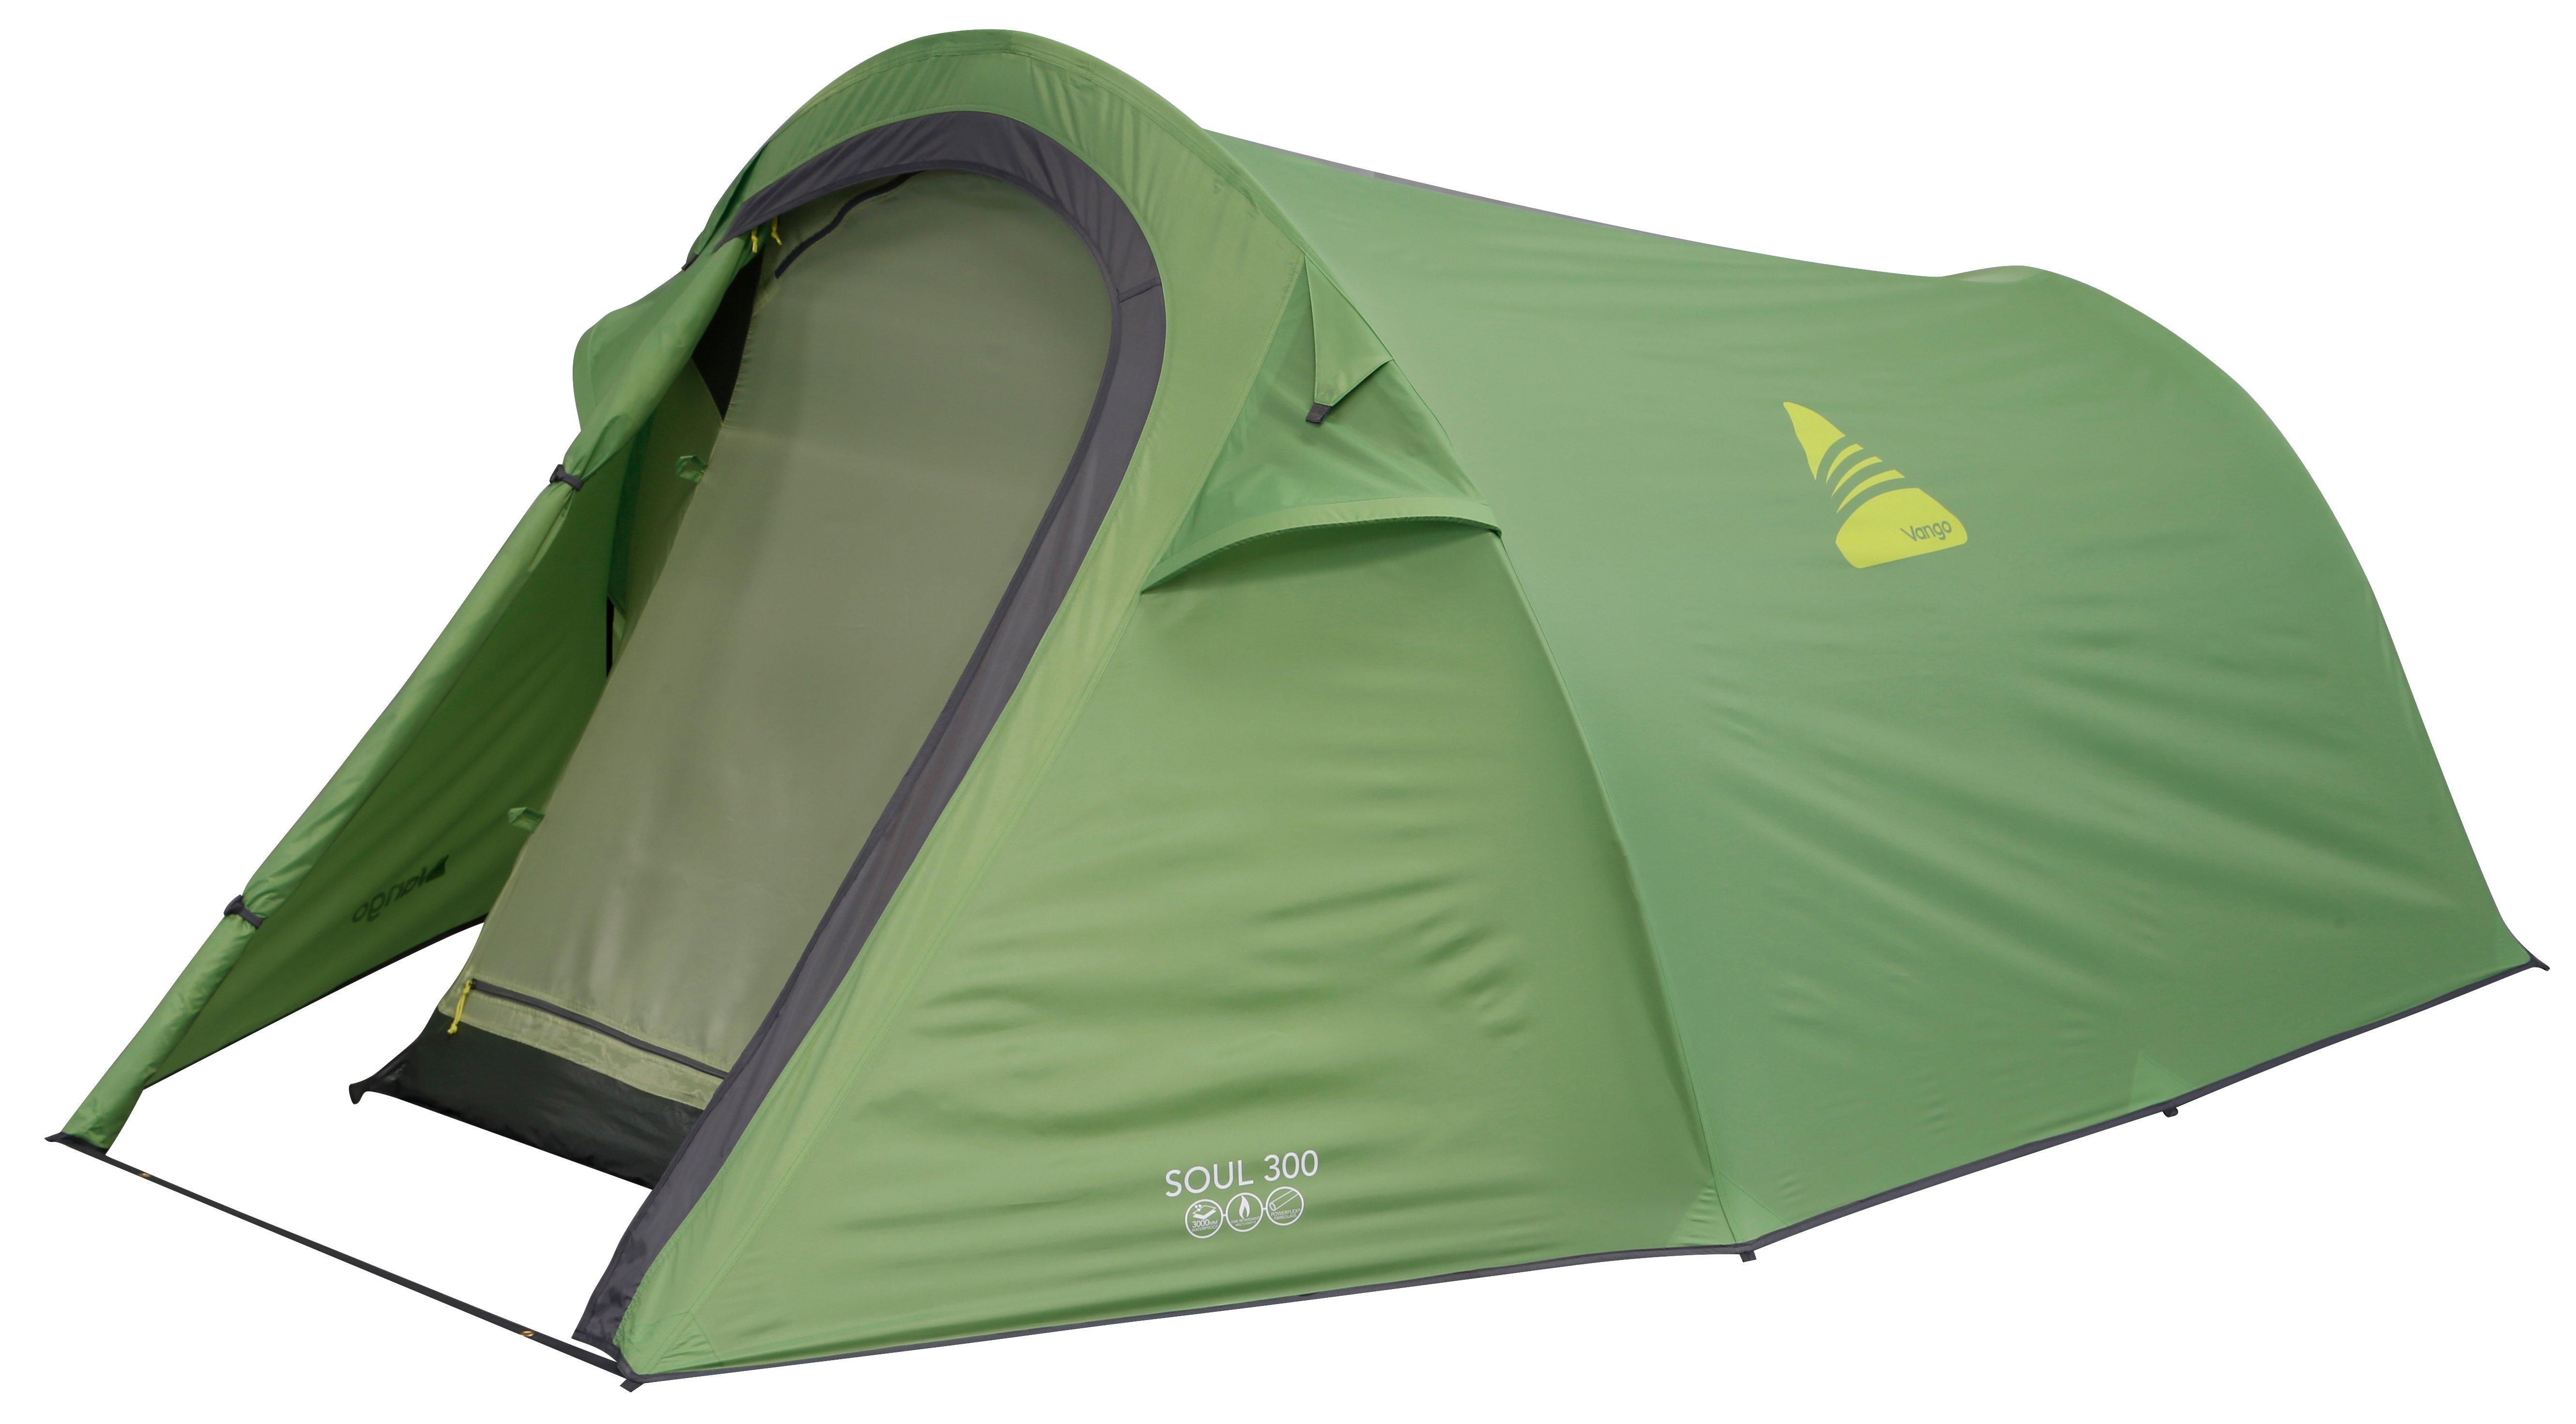 Vango Soul 300 3 Person Tent  Green Green